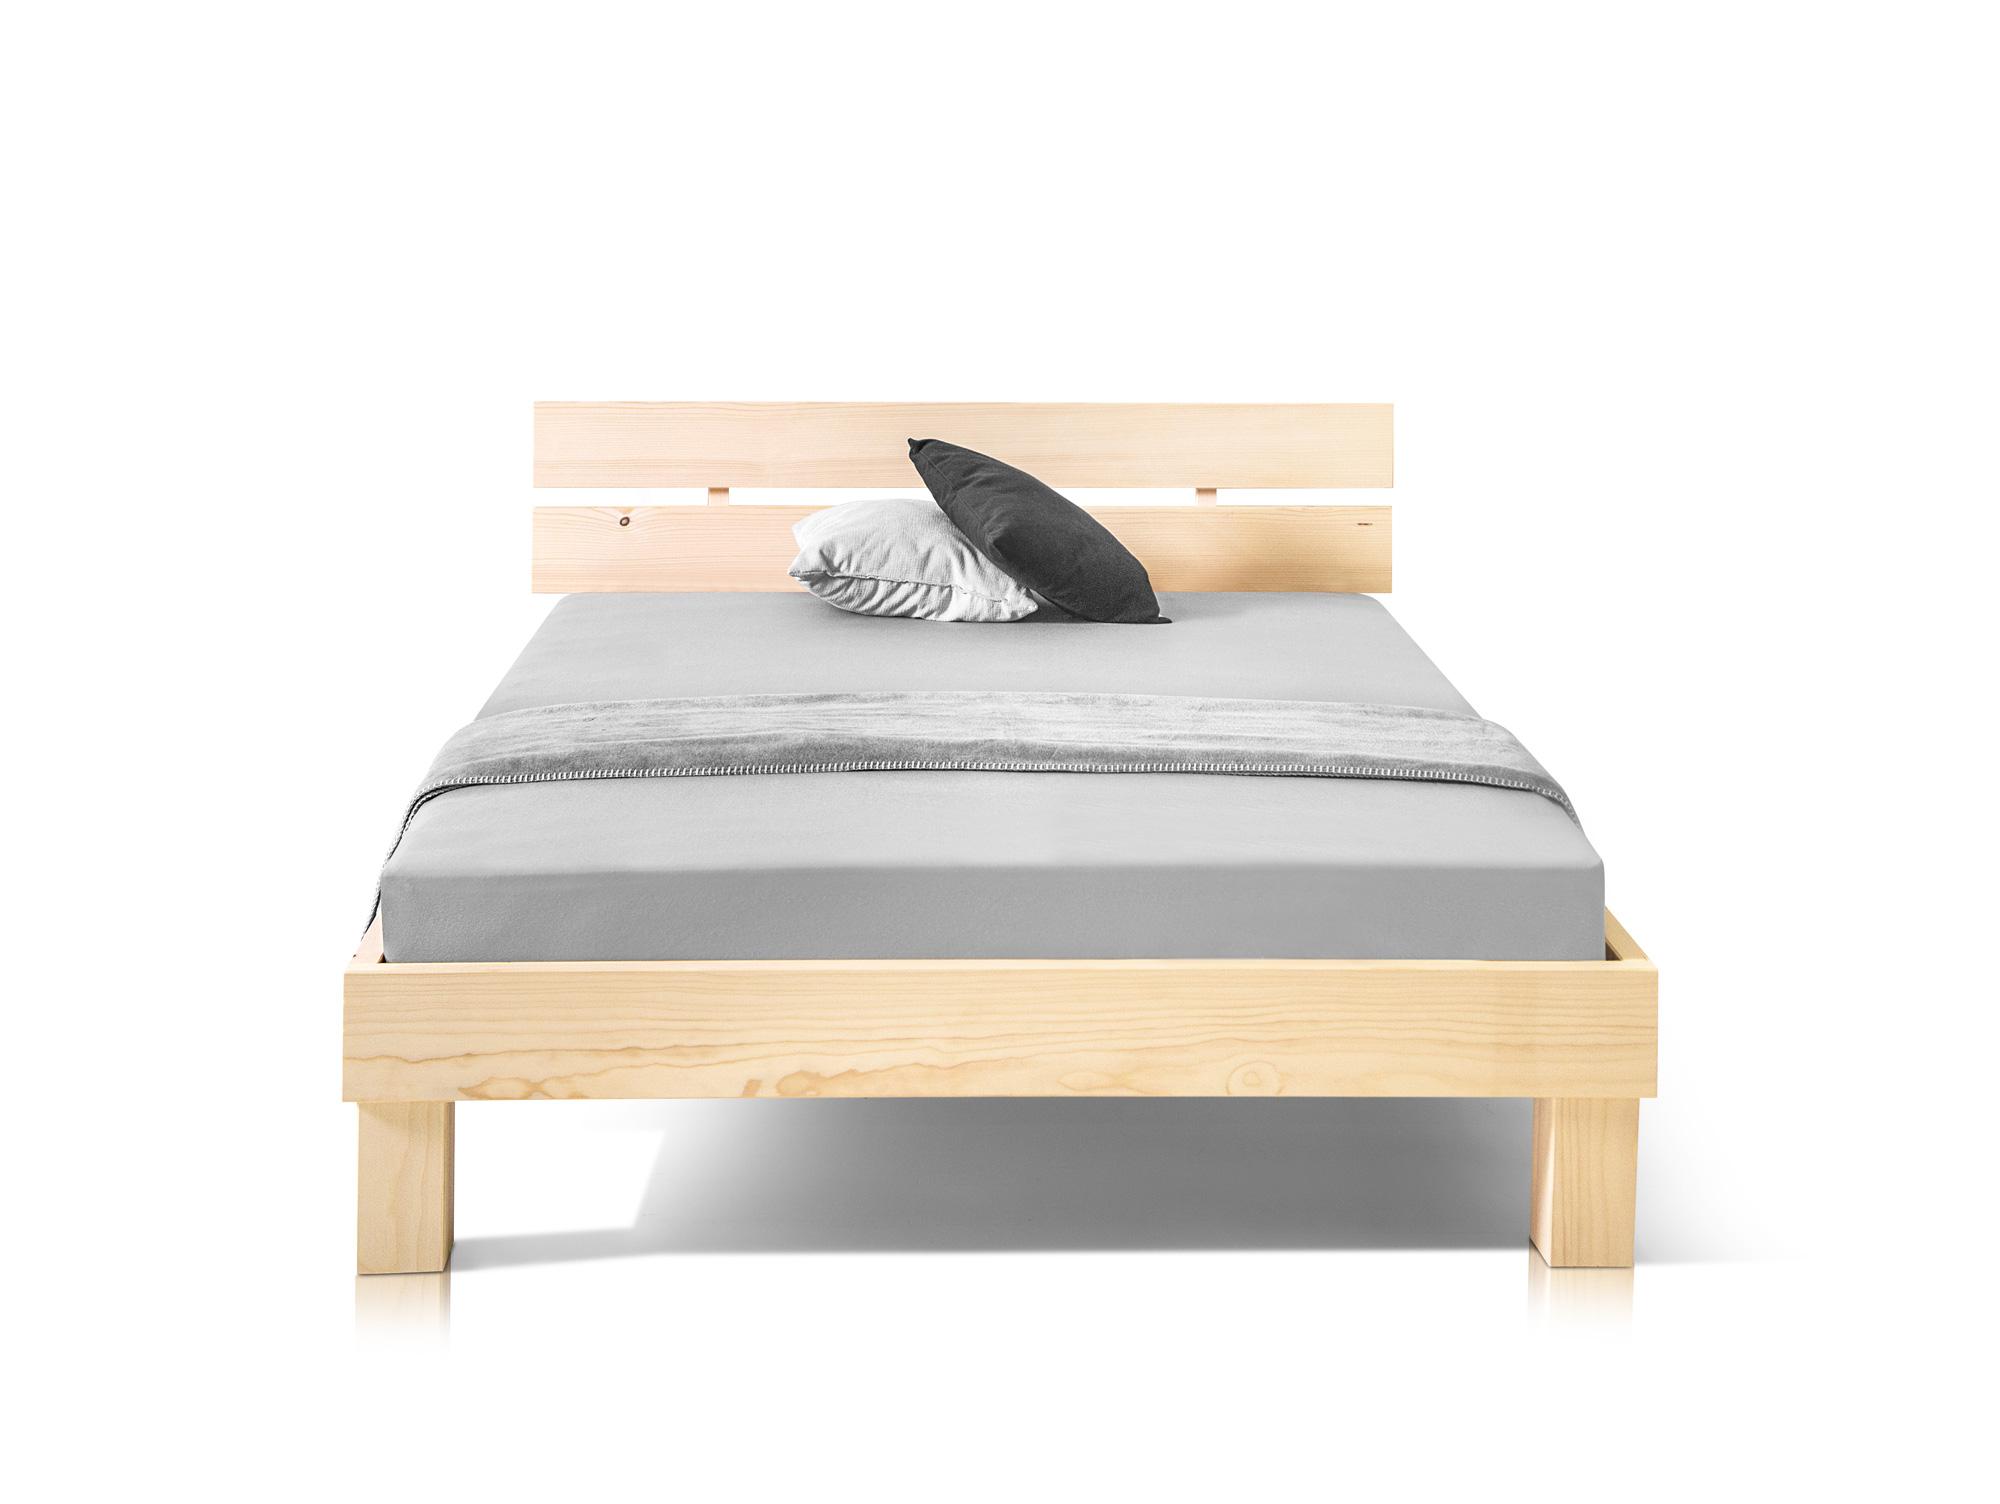 Full Size of Günstige Betten 140x200 Aus Holz Rückenlehne Bett Schlafzimmer Weiß 100x200 Einfaches 180x200 90x200 Mit Lattenrost Jabo Günstig Kaufen 80x200 Ohne Füße Bett Bett 140x220